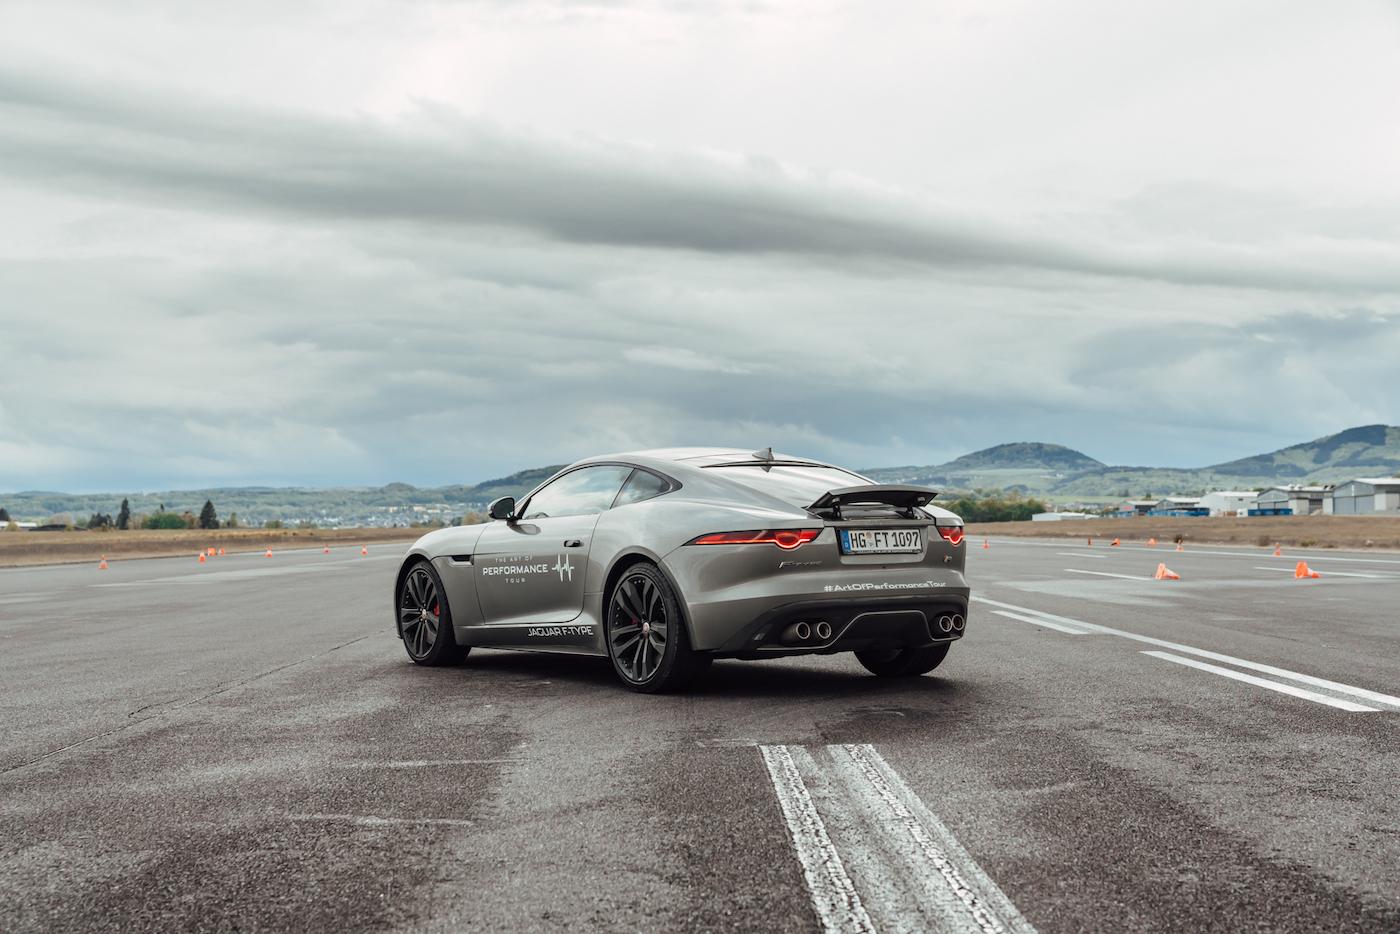 Die Jaguar Art of Performance Tour: Ein einzigartiges Fahrerlebnis auf einem Flugplatz 5